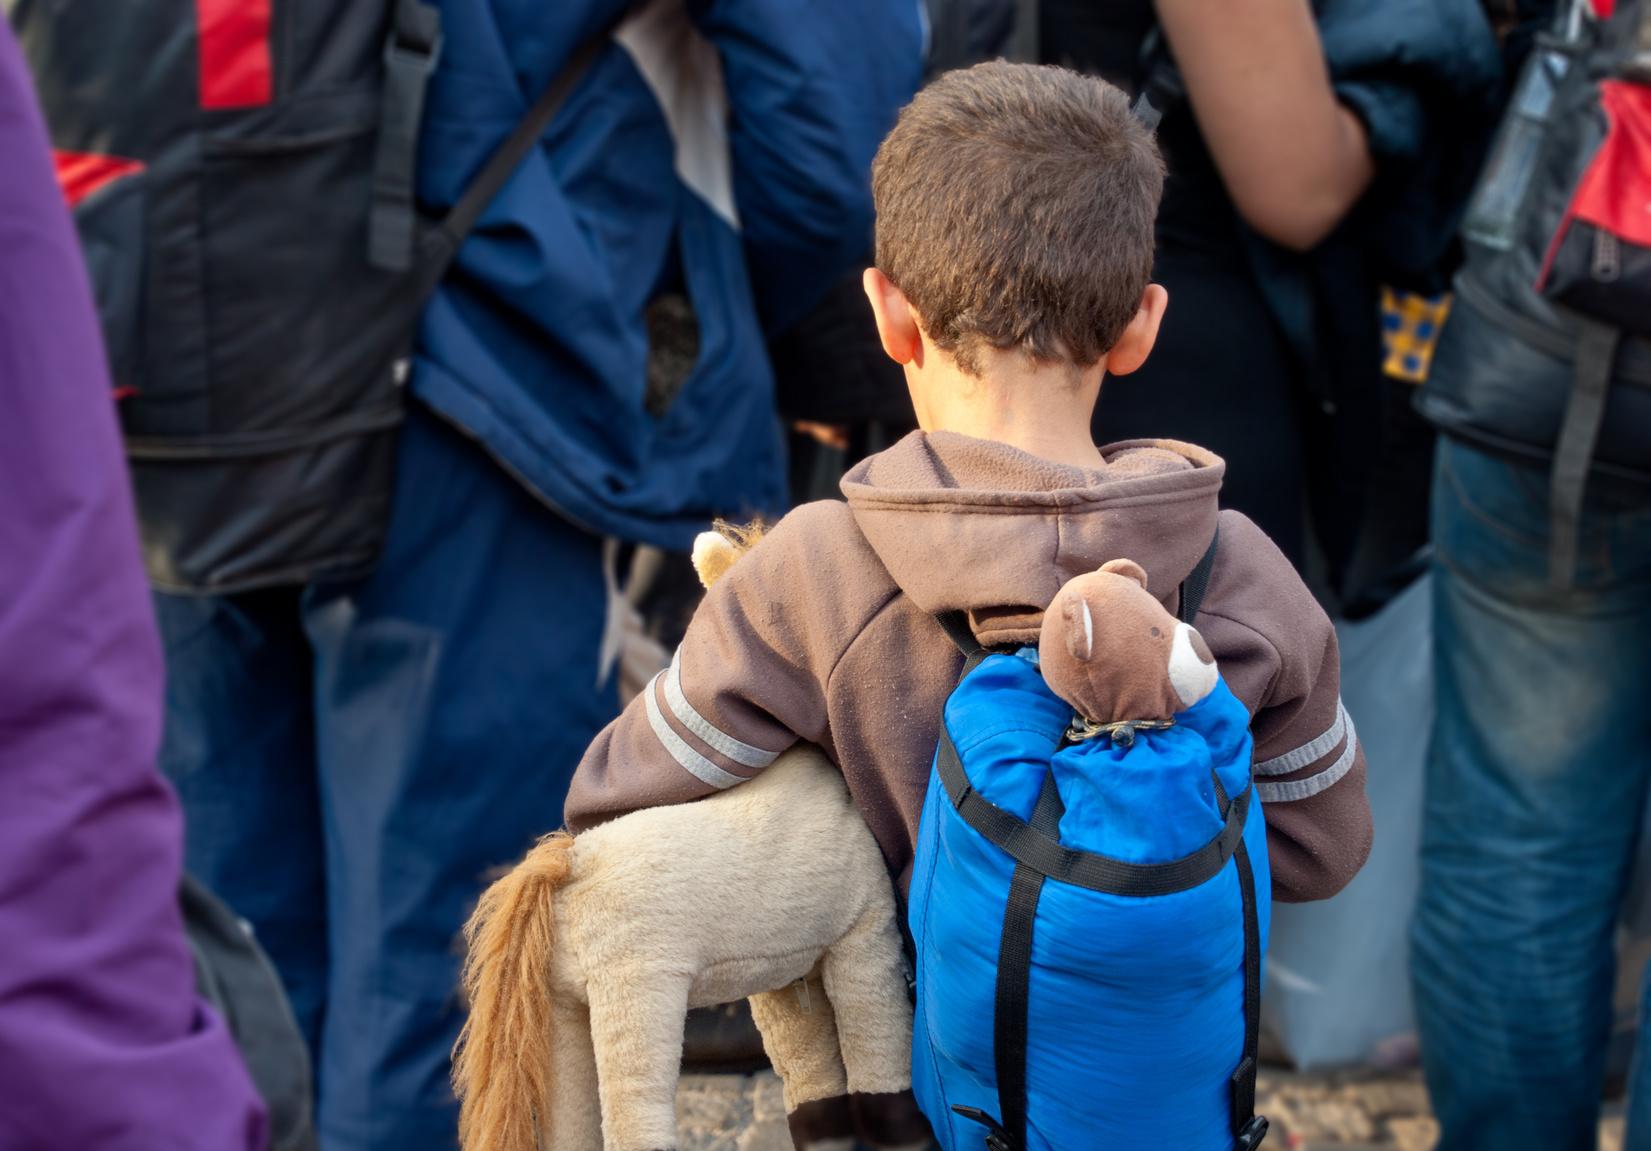 Betreiber schließt Heime 900 Flüchtlinge landen auf der Straße!